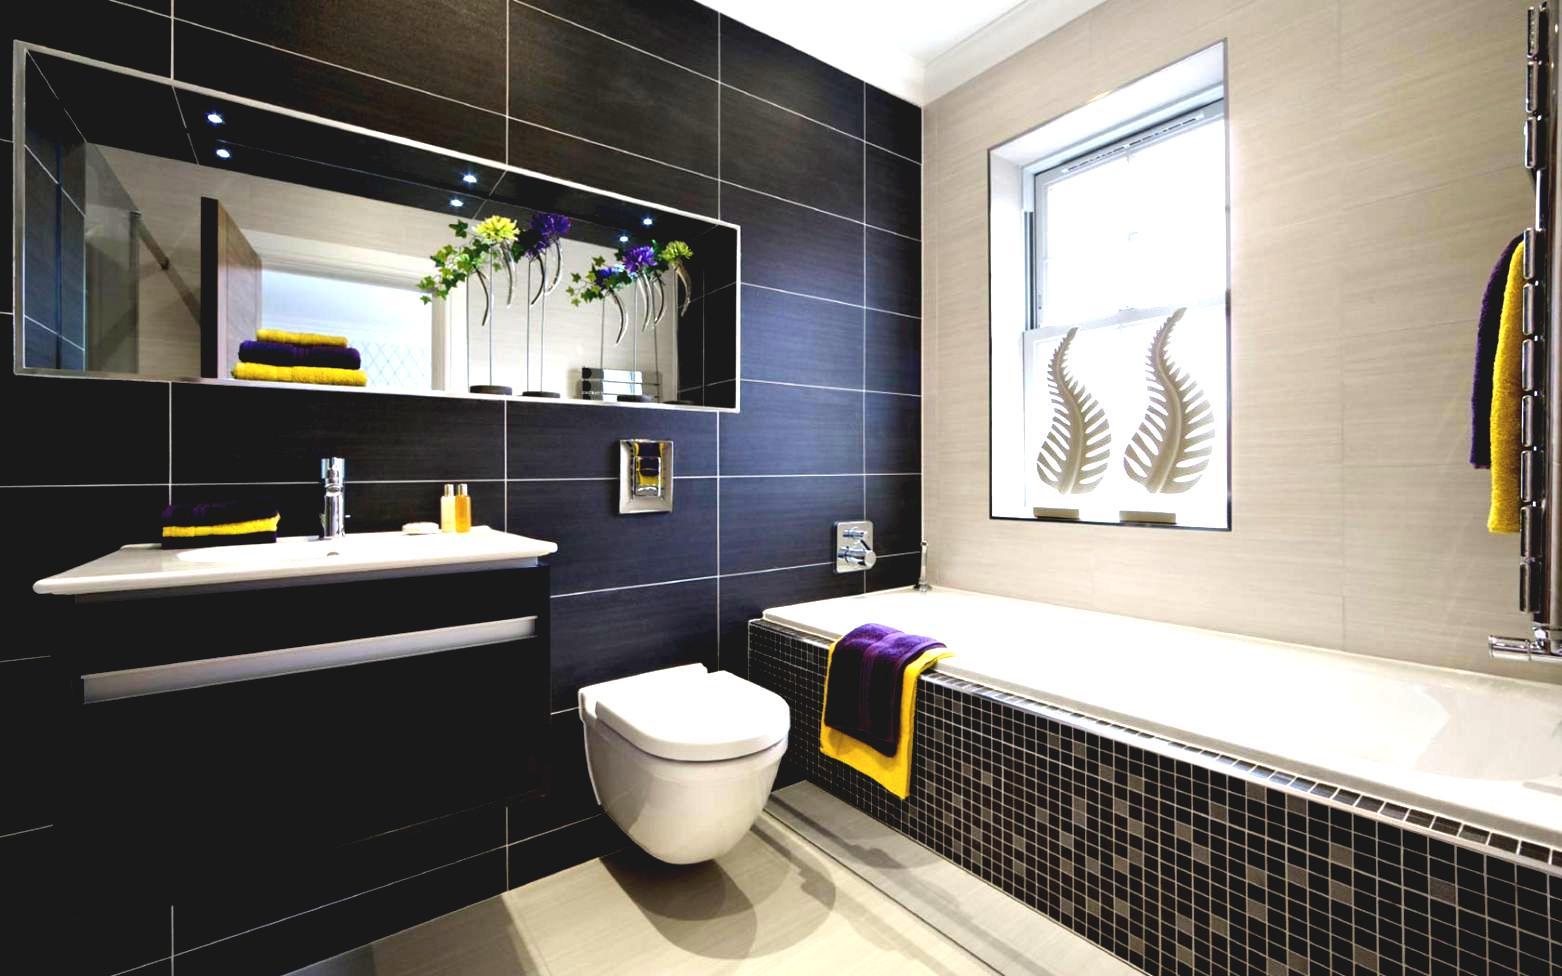 Design bilik air sedehana kecil dengan hiasan dalaman menarik